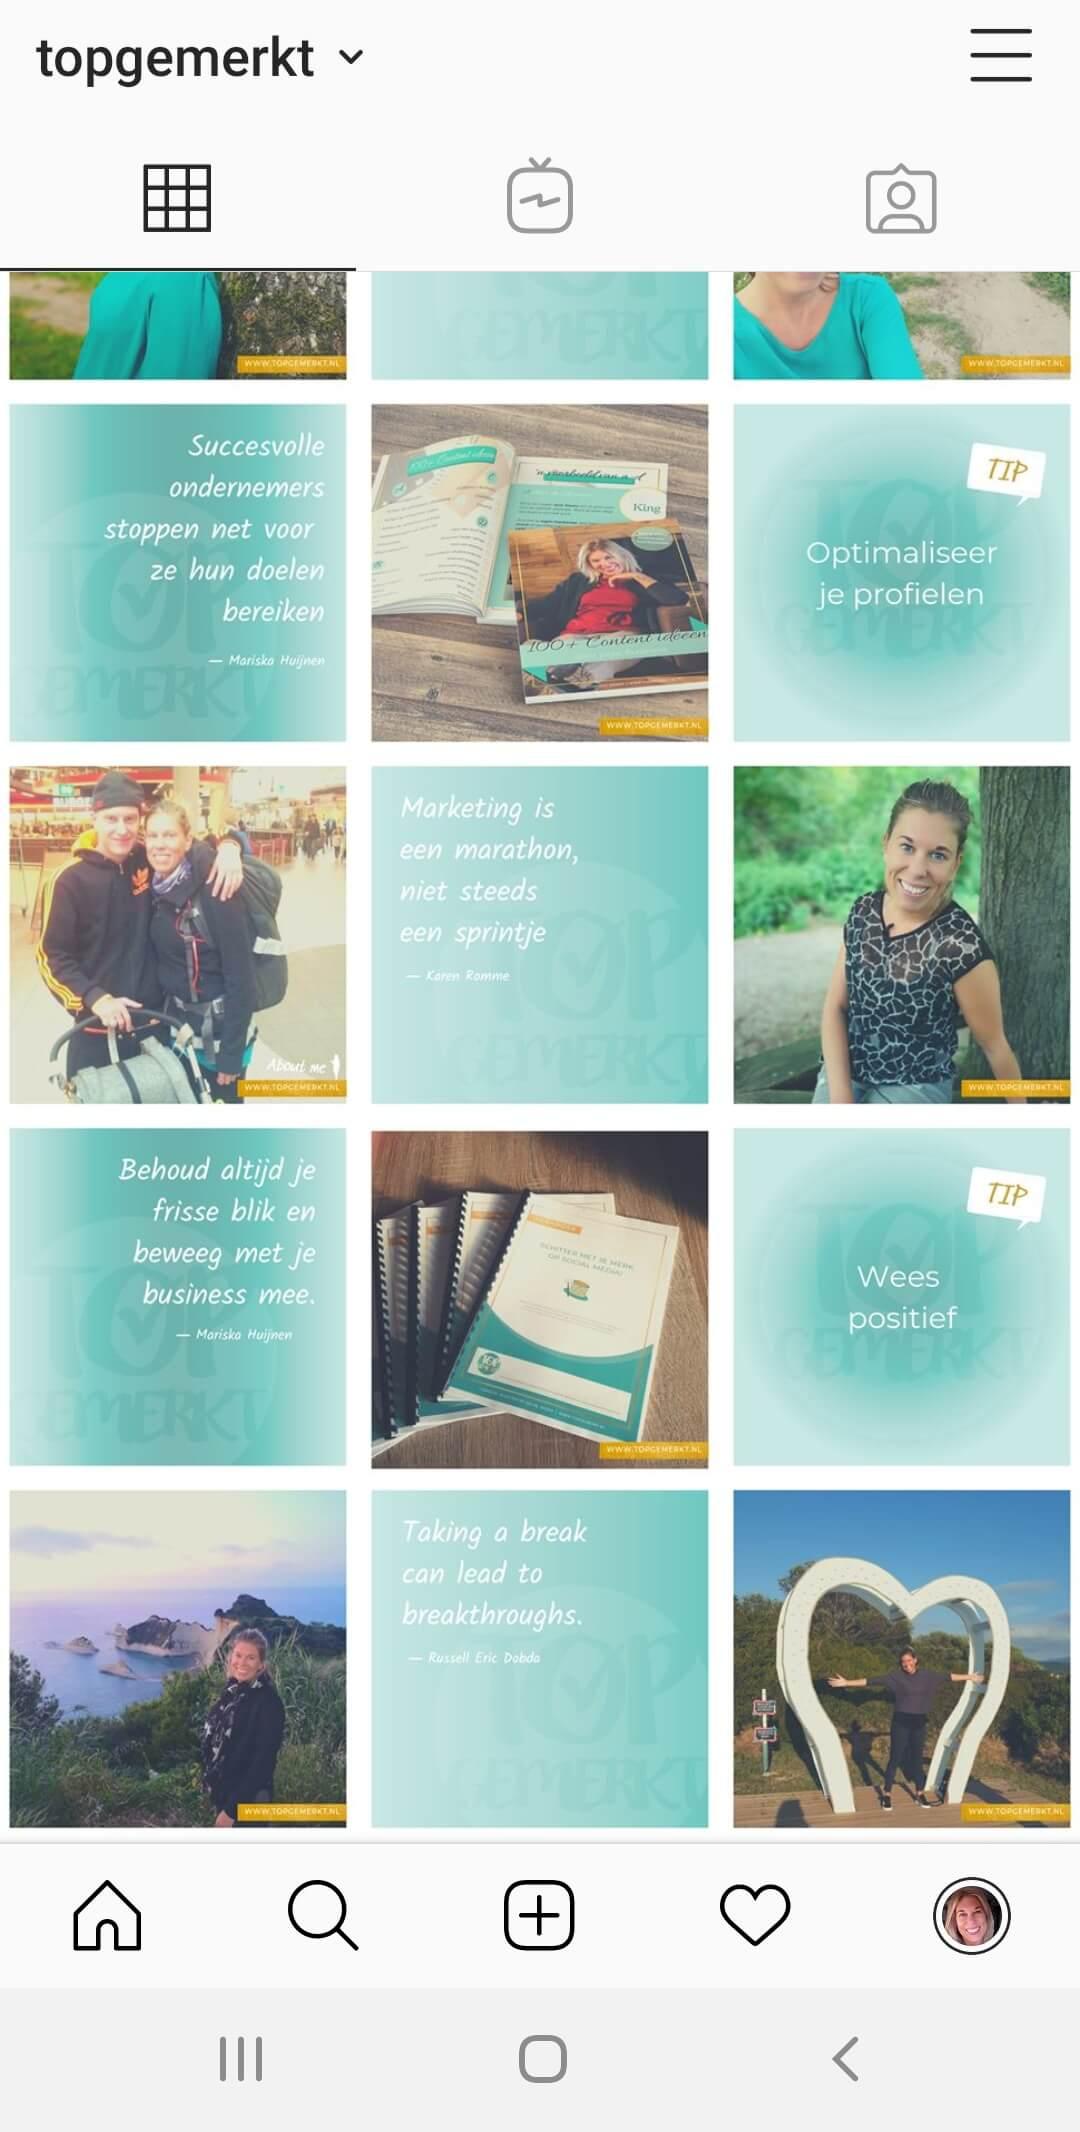 Instagram Training - Business Proof - Voorbeeld Instagram Feed - TopGemerkt